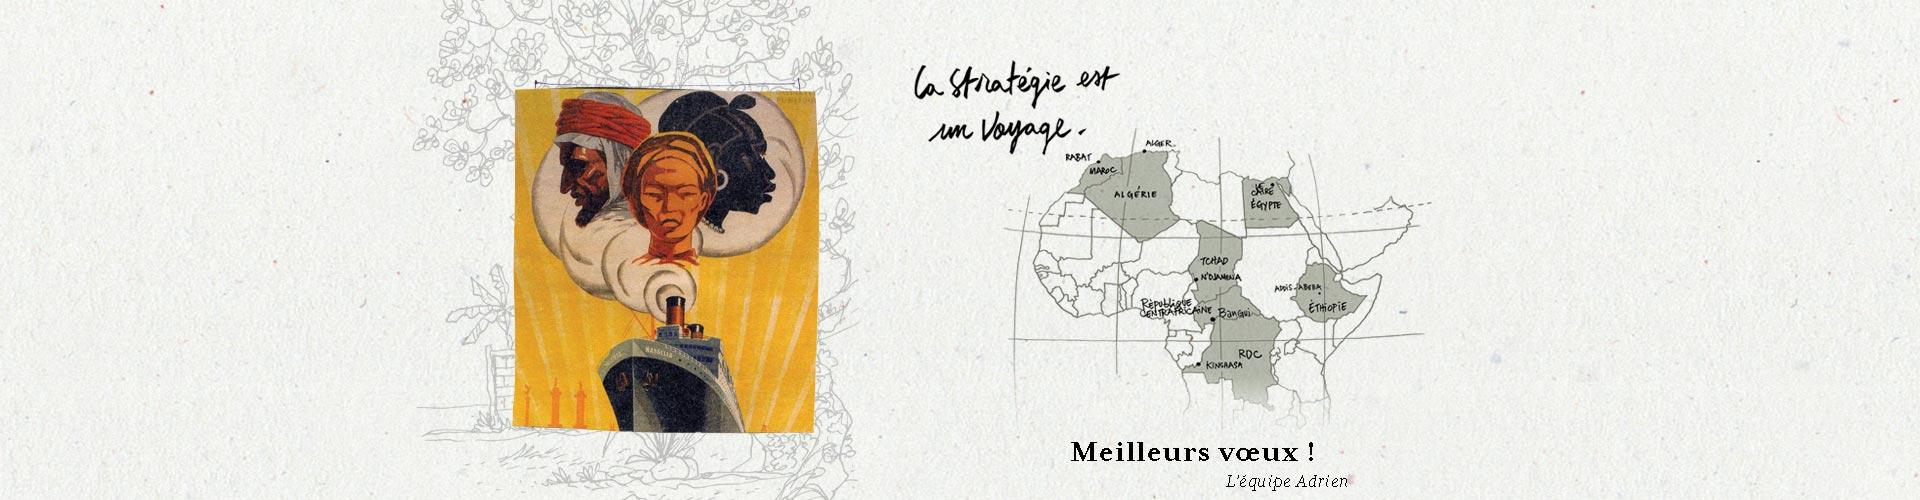 Adrien Stratégie slide Calendrier 2020 mois de décembre